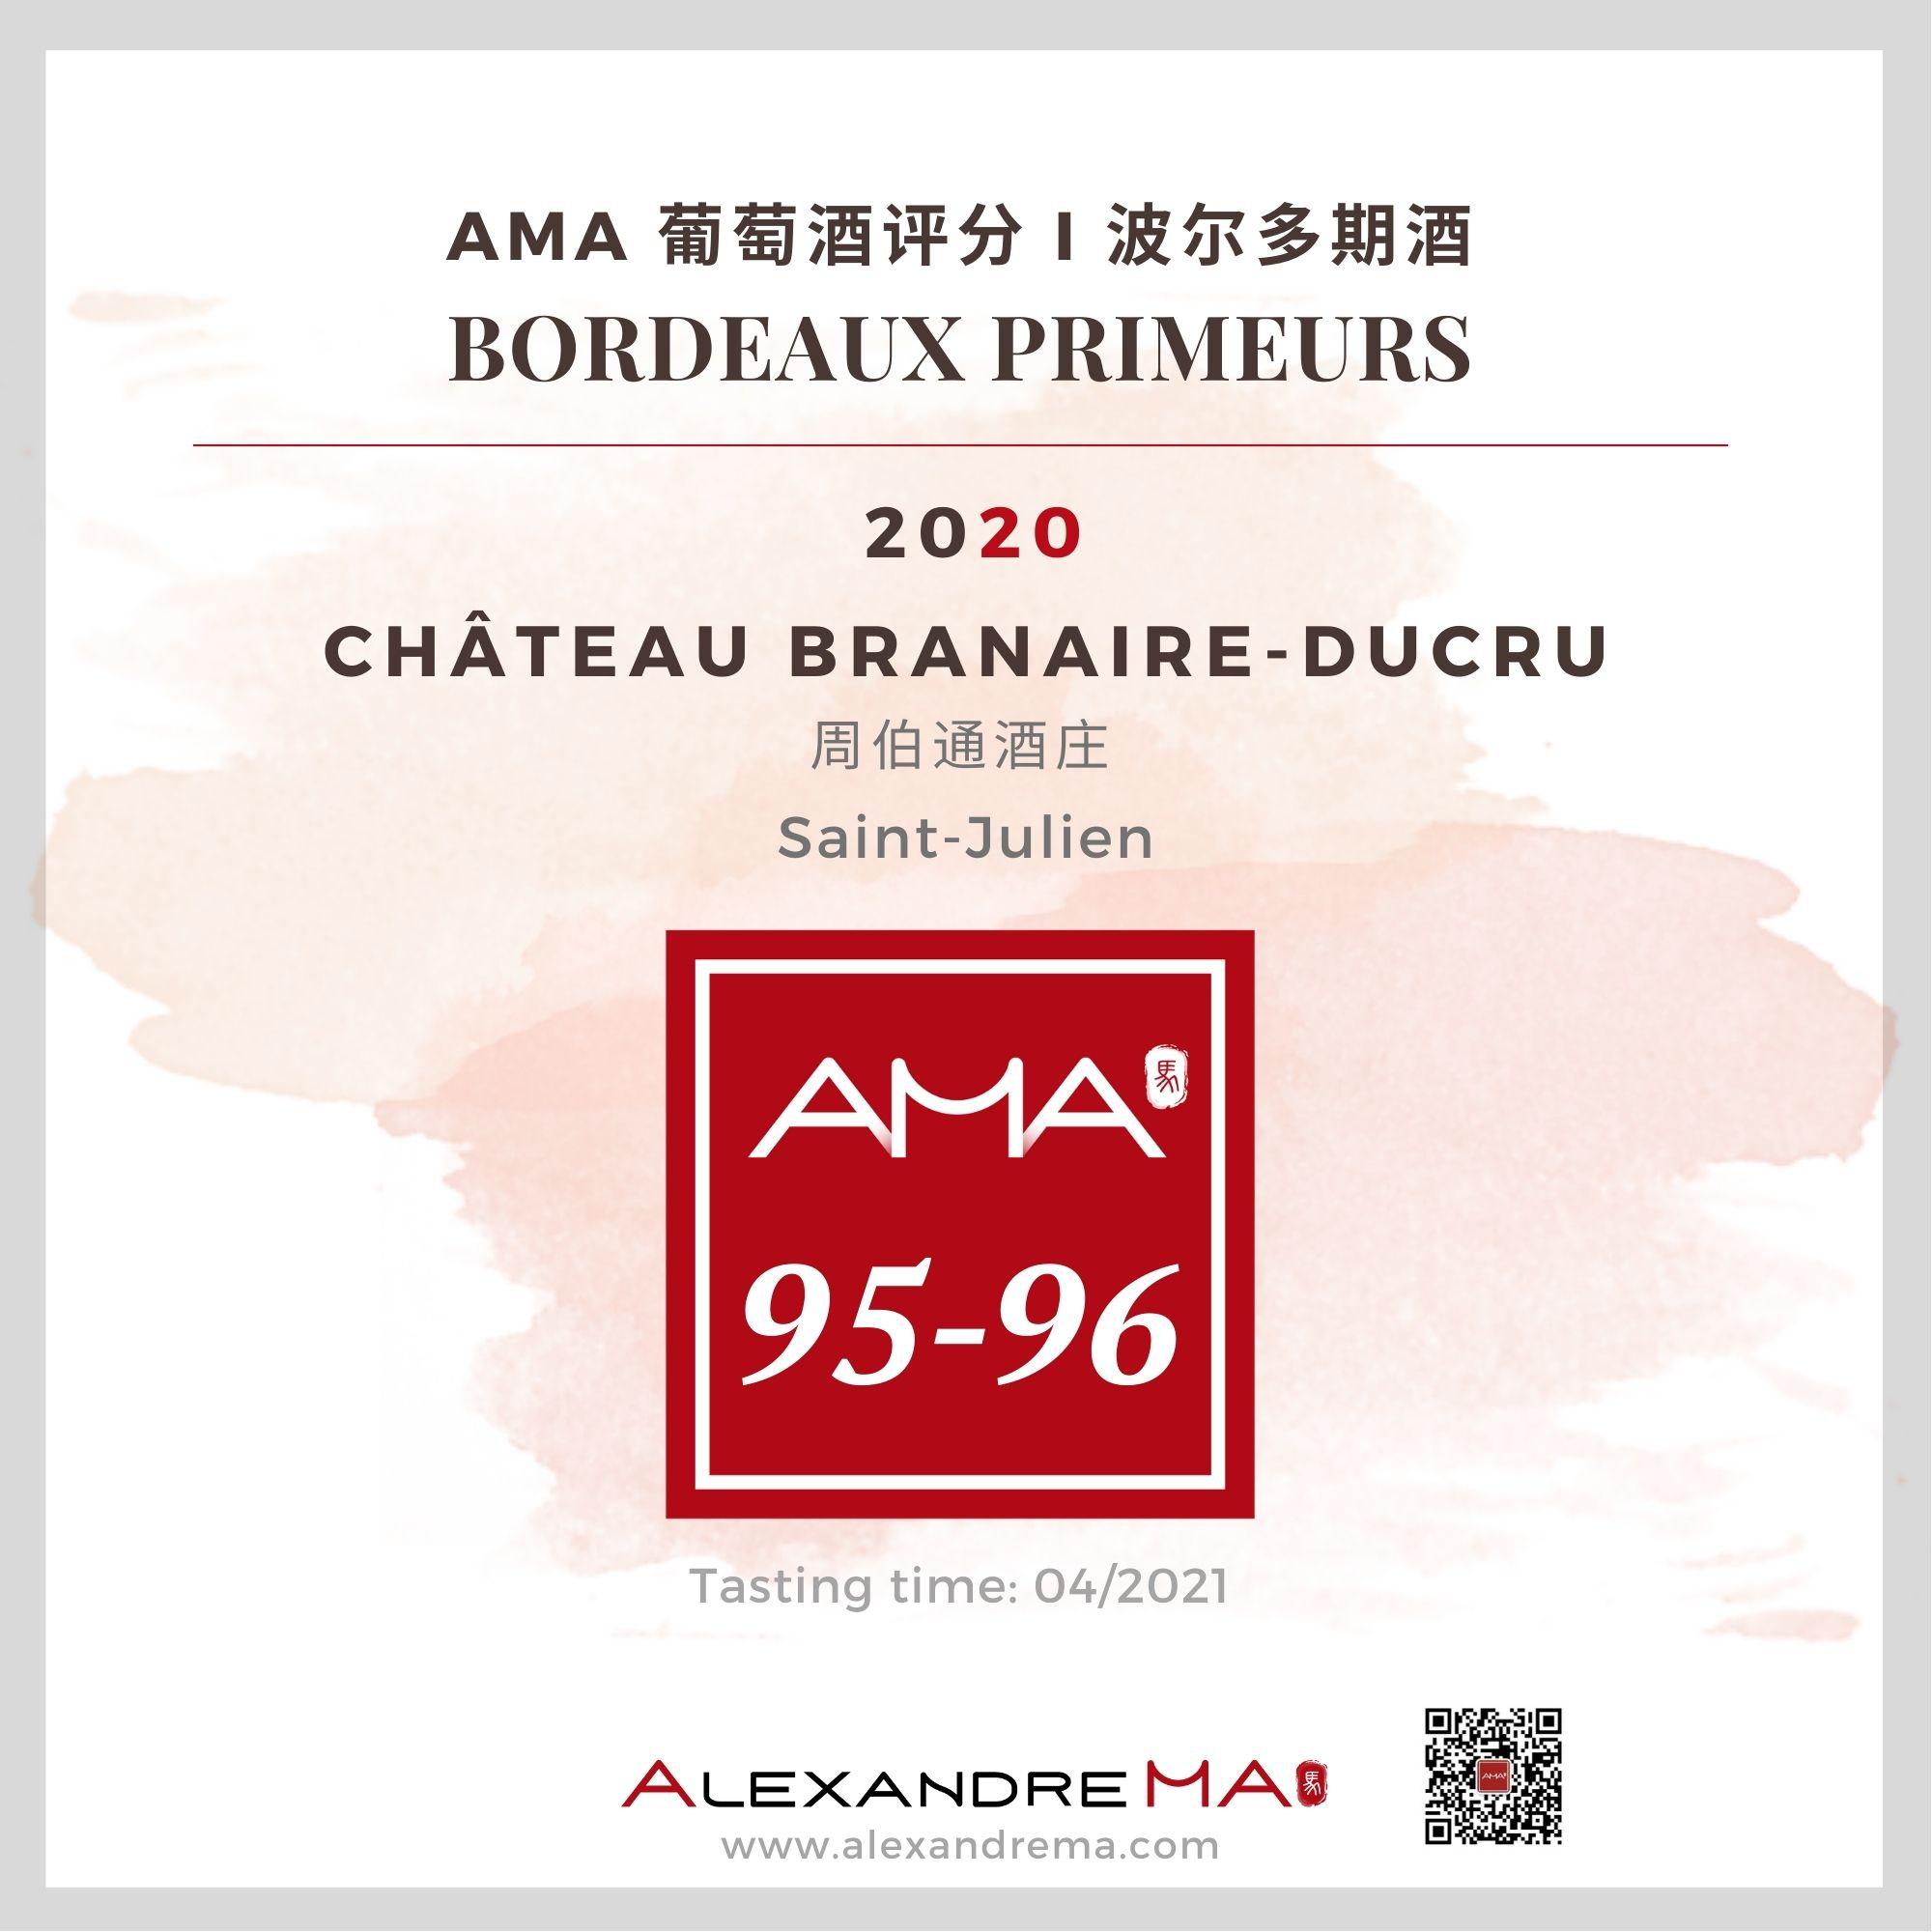 Château Branaire-Ducru 2020 - Alexandre MA